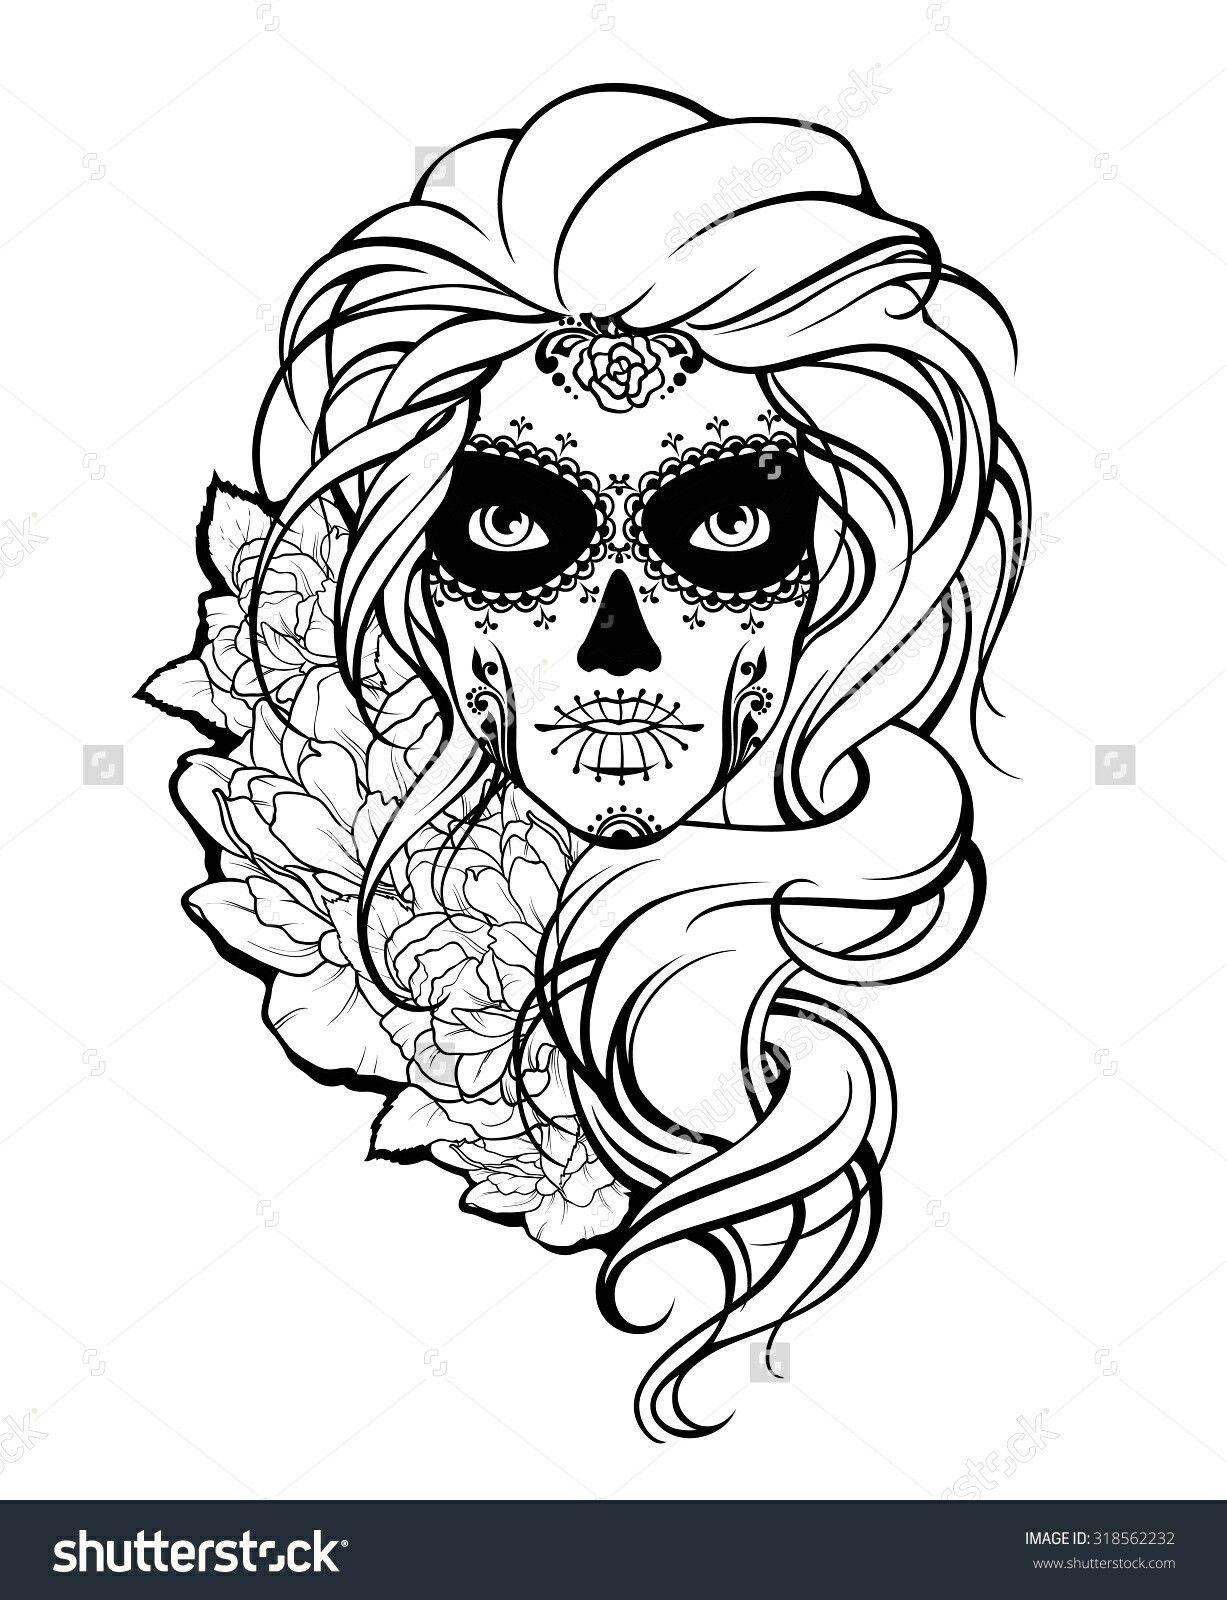 Pin de Dusty en skulls | Pinterest | Princesa de disney, Dia de las ...